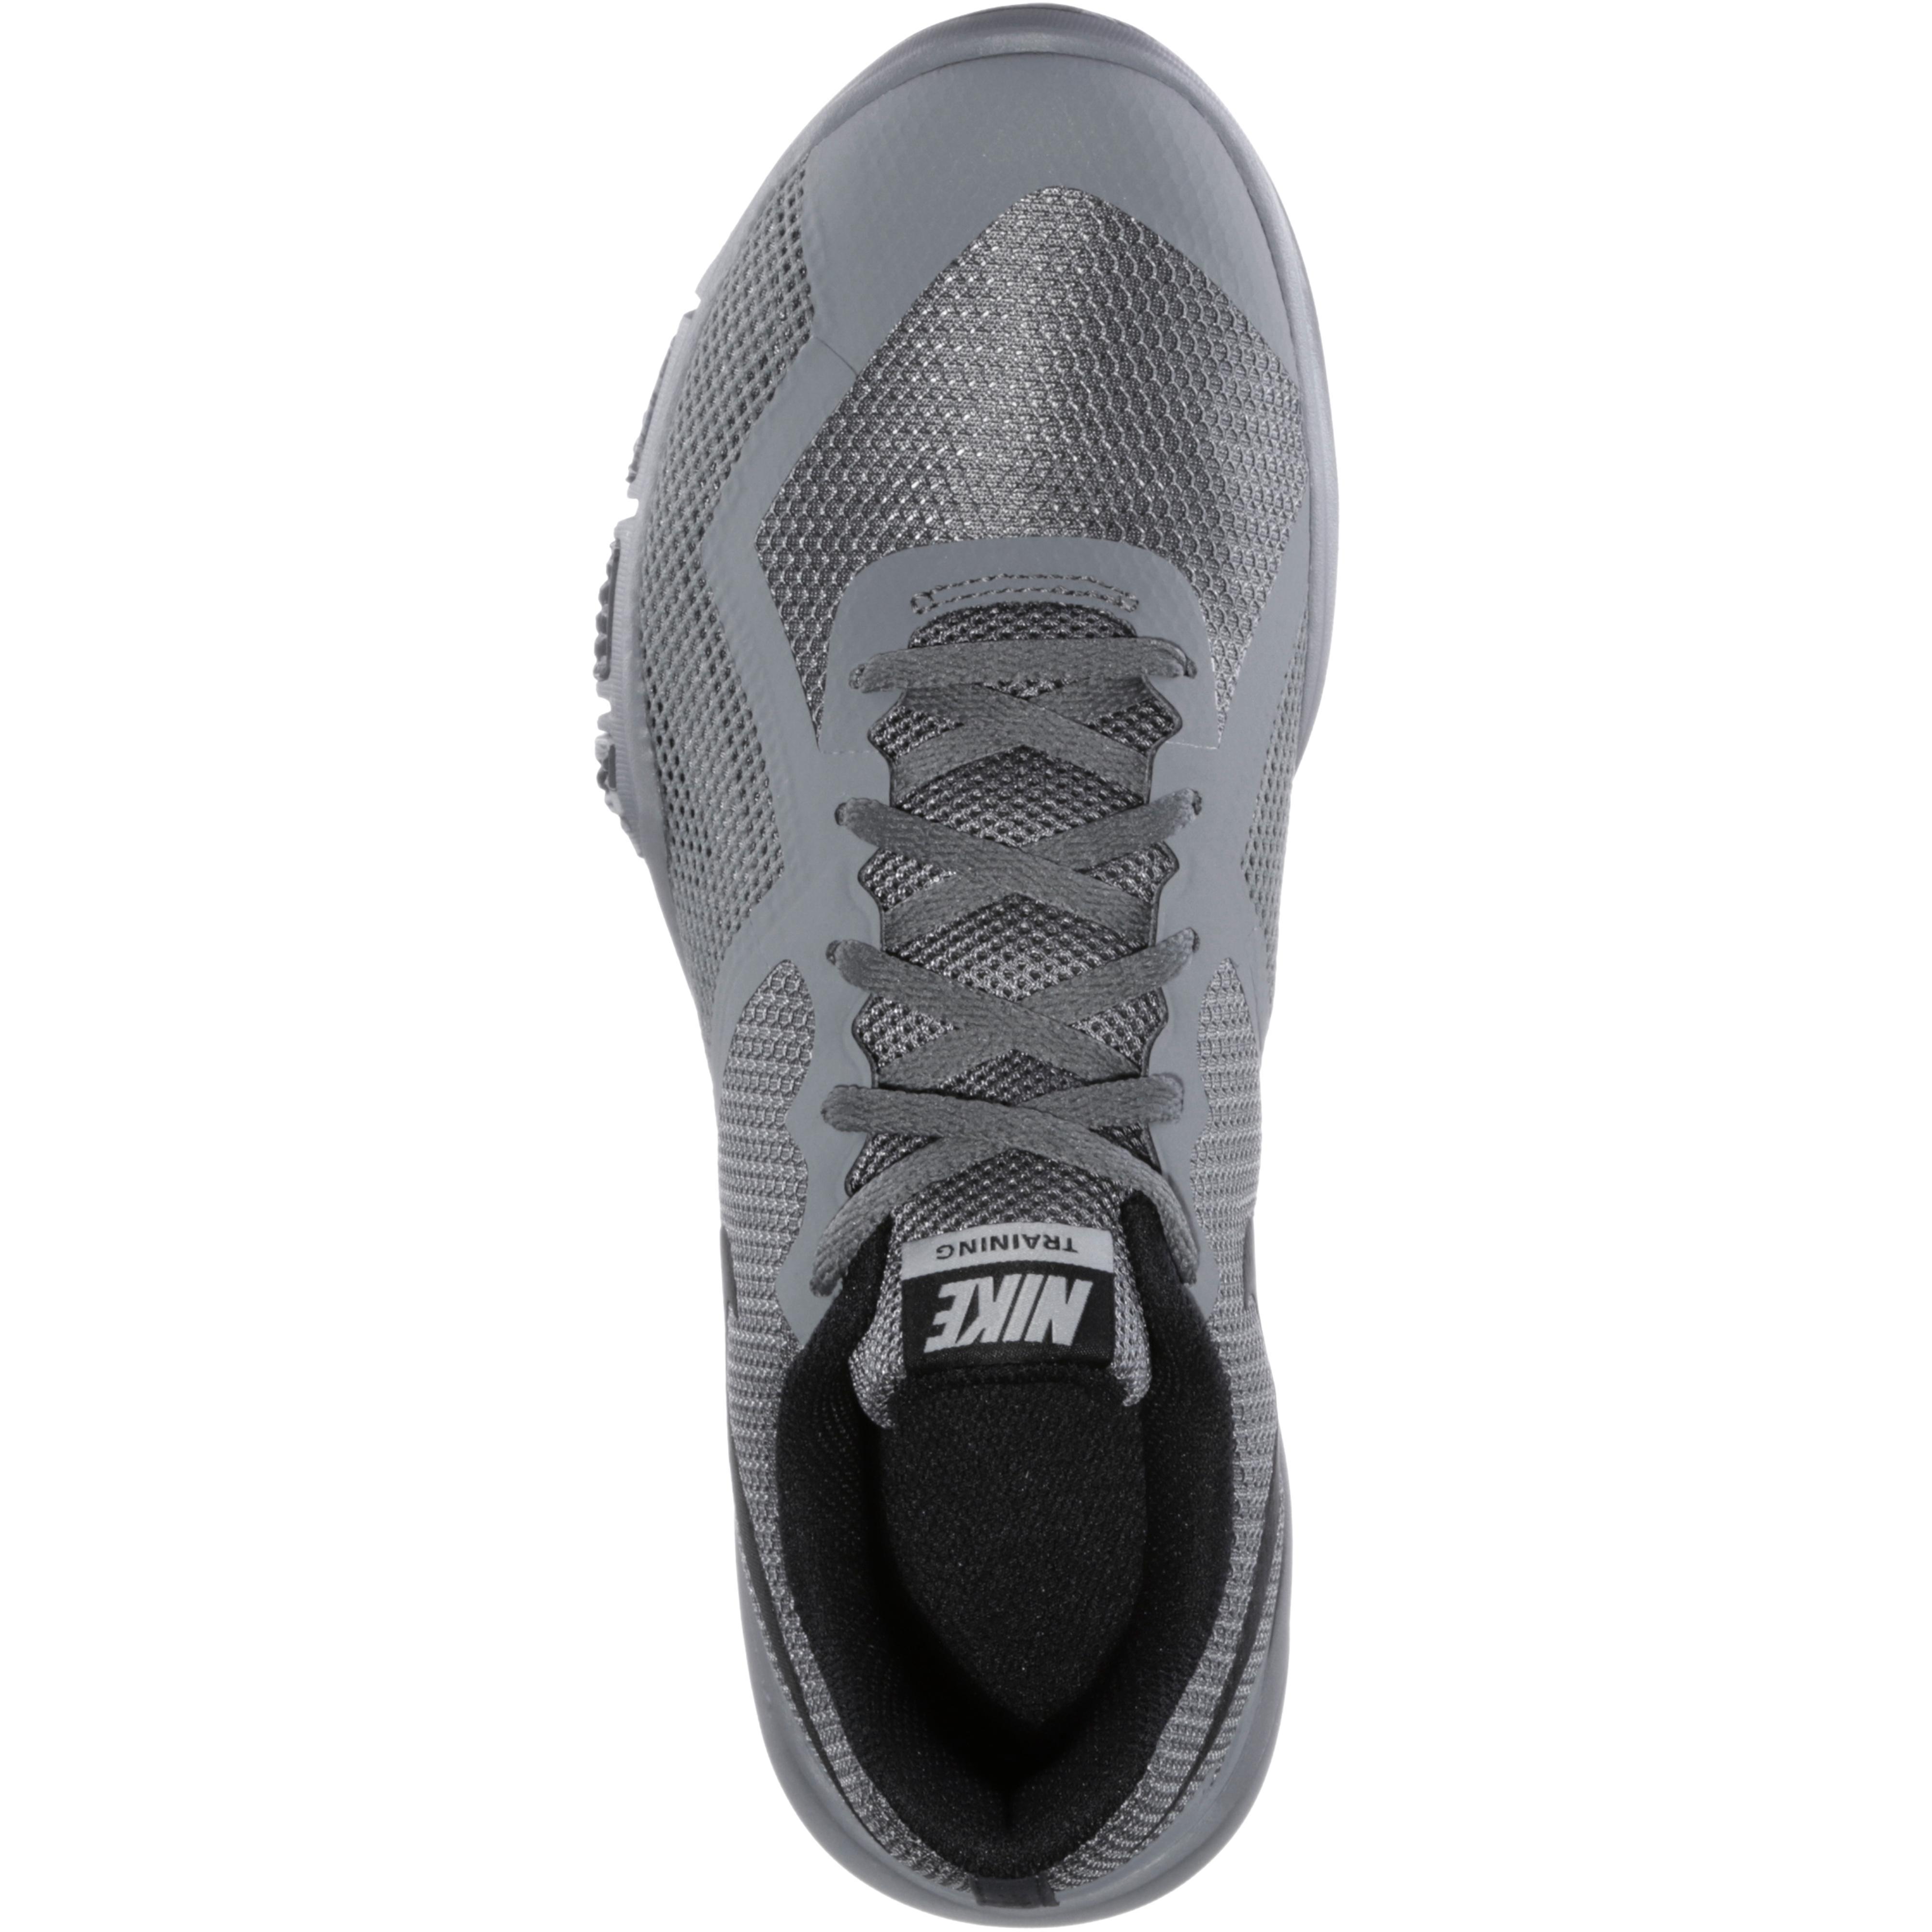 Nike FLEX CONTROL 2 Herren Multifunktionsschuhe Herren 2 cool-grey-black-speed-red-white im Online Shop von SportScheck kaufen Gute Qualität beliebte Schuhe 2de6ae